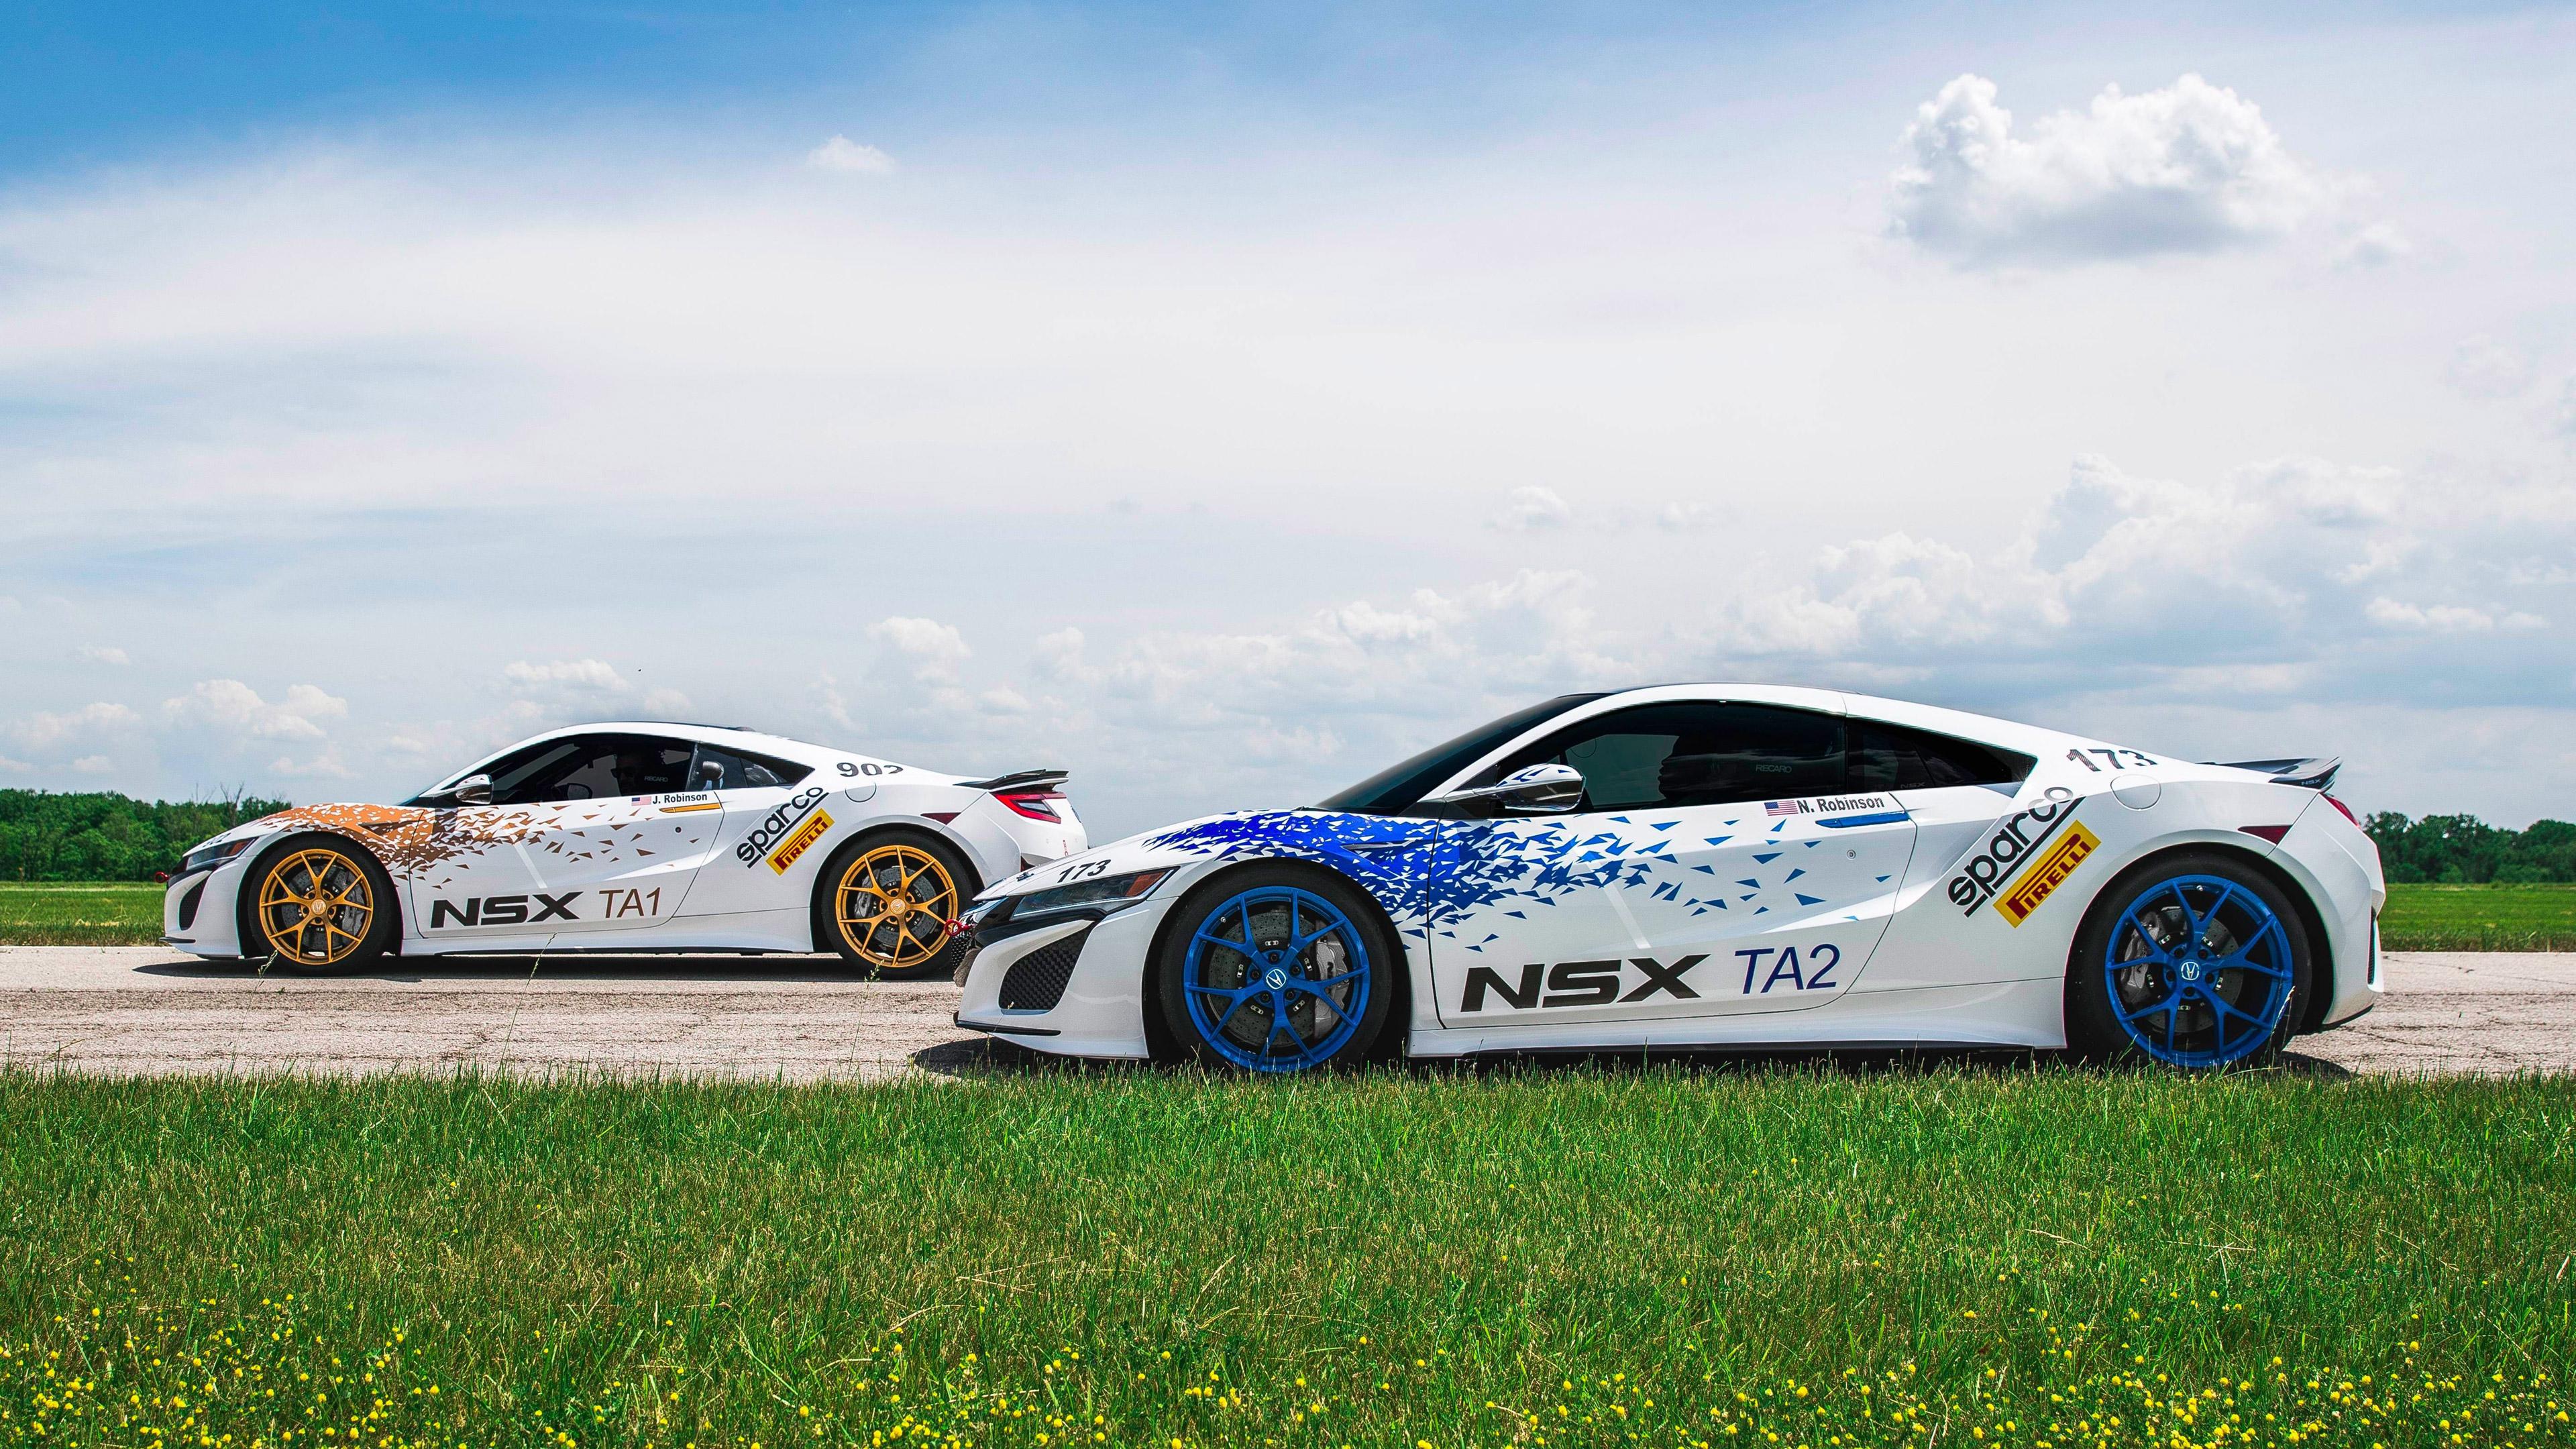 acura nsx supercar 1539104634 - Acura NSX Supercar - racing wallpapers, cars wallpapers, acura wallpapers